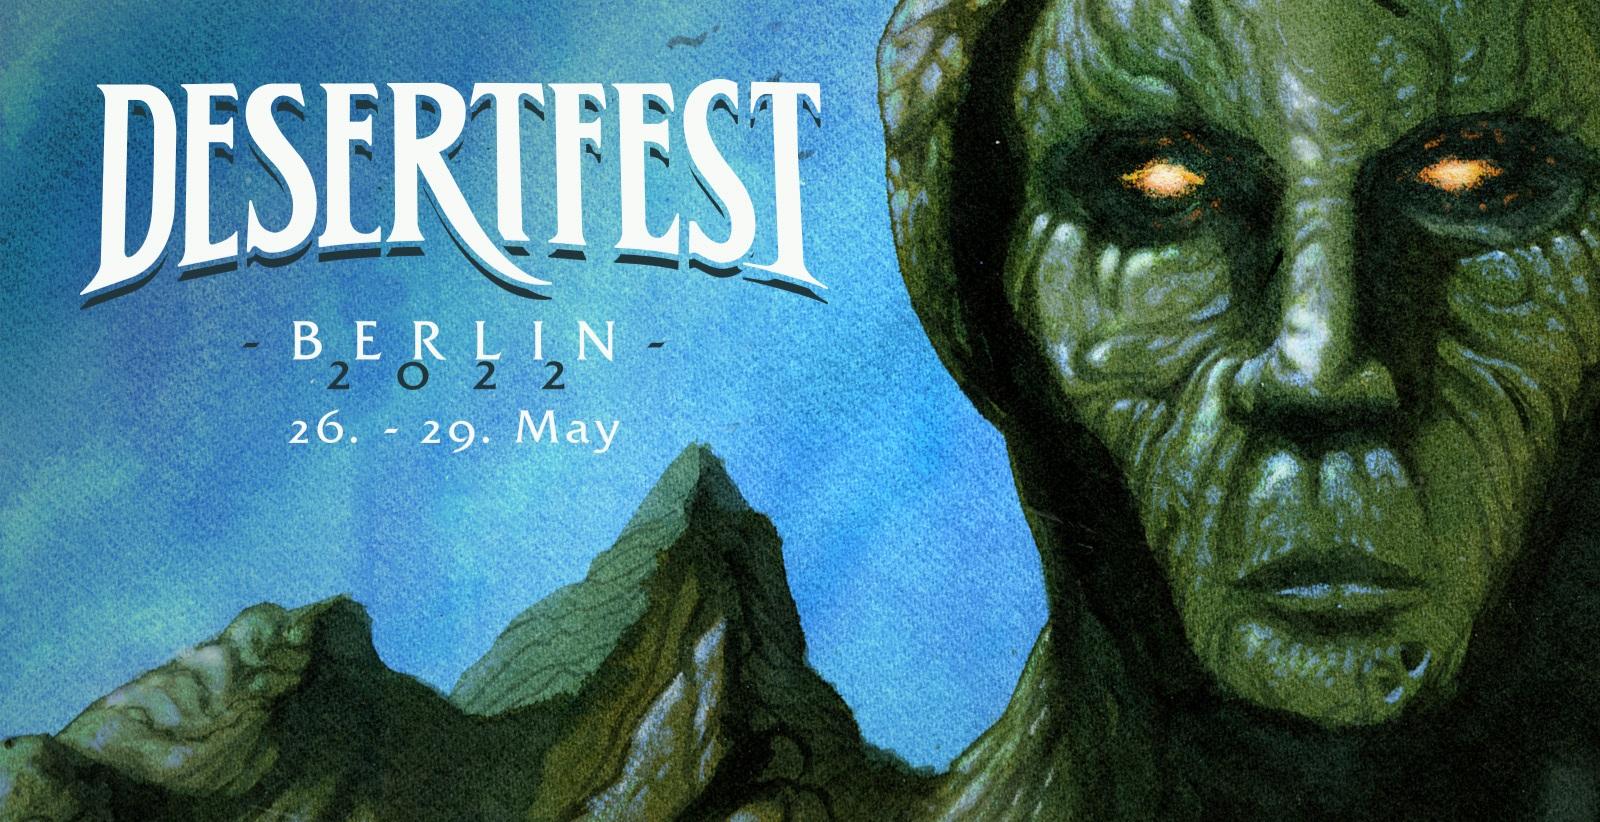 Desertfest Berlin 2022 banner